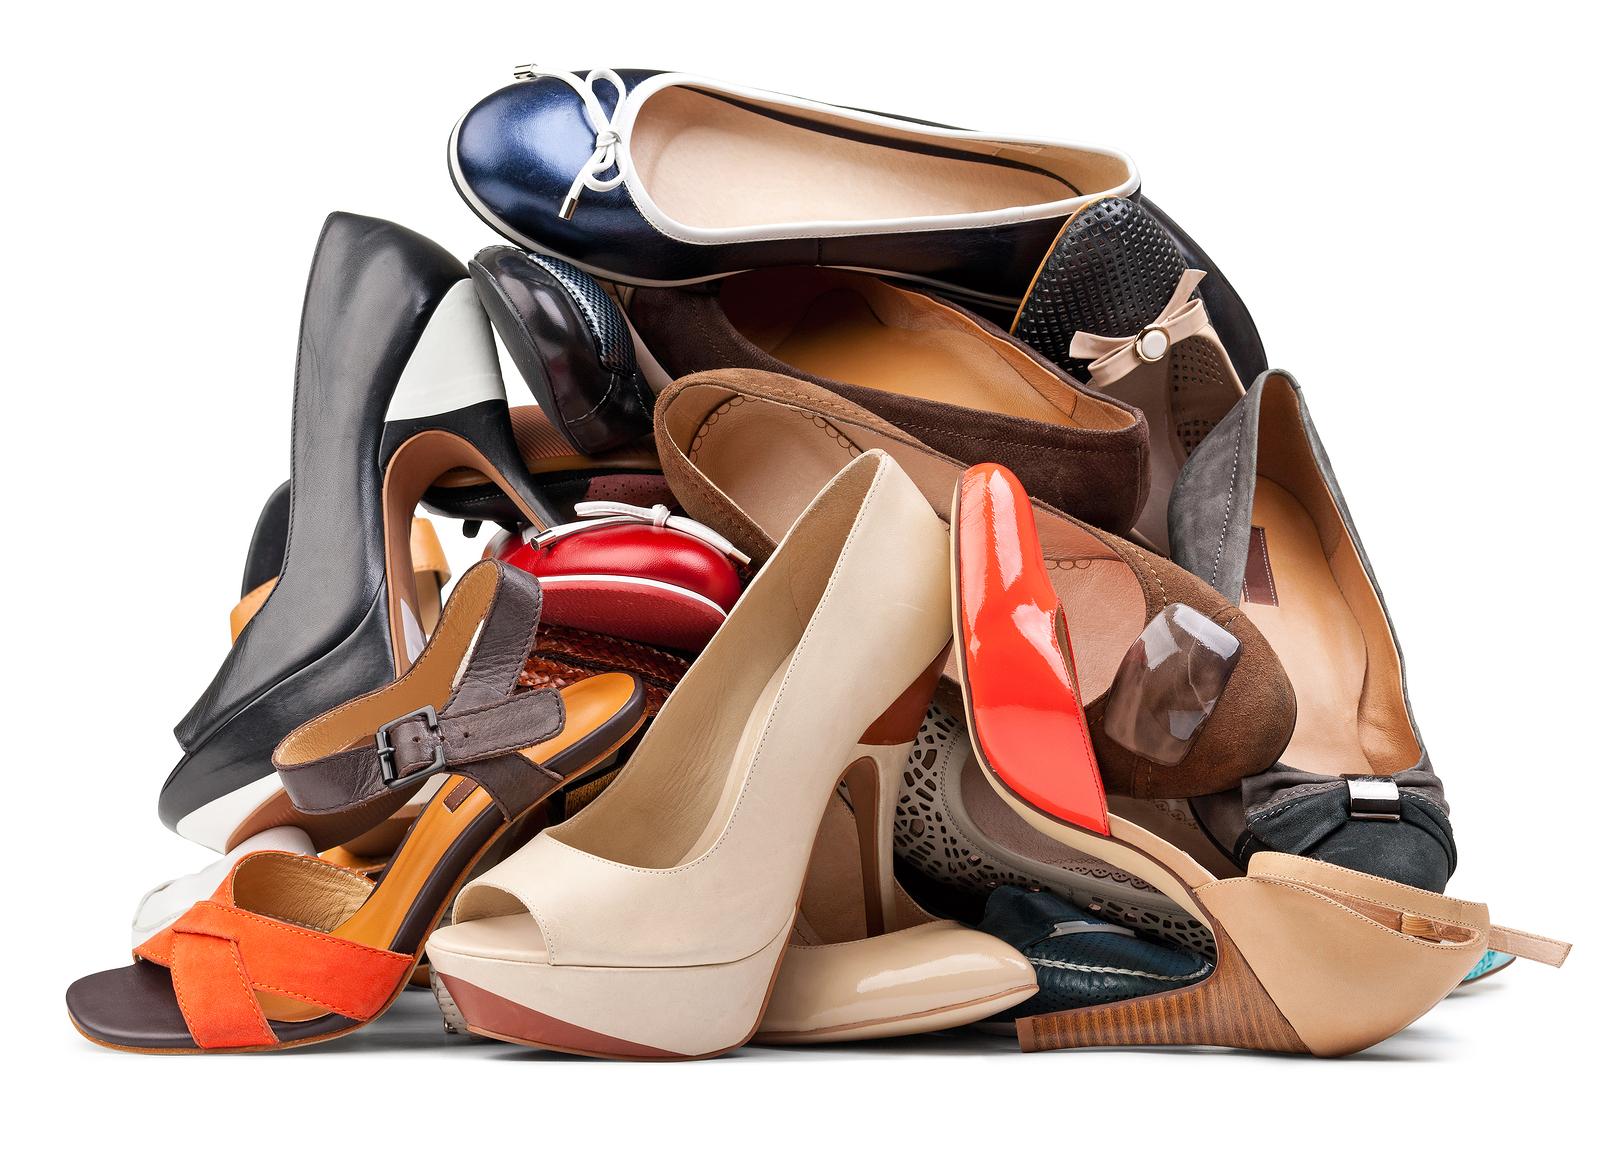 Я люблю вылизывать женскую обувь 23 фотография